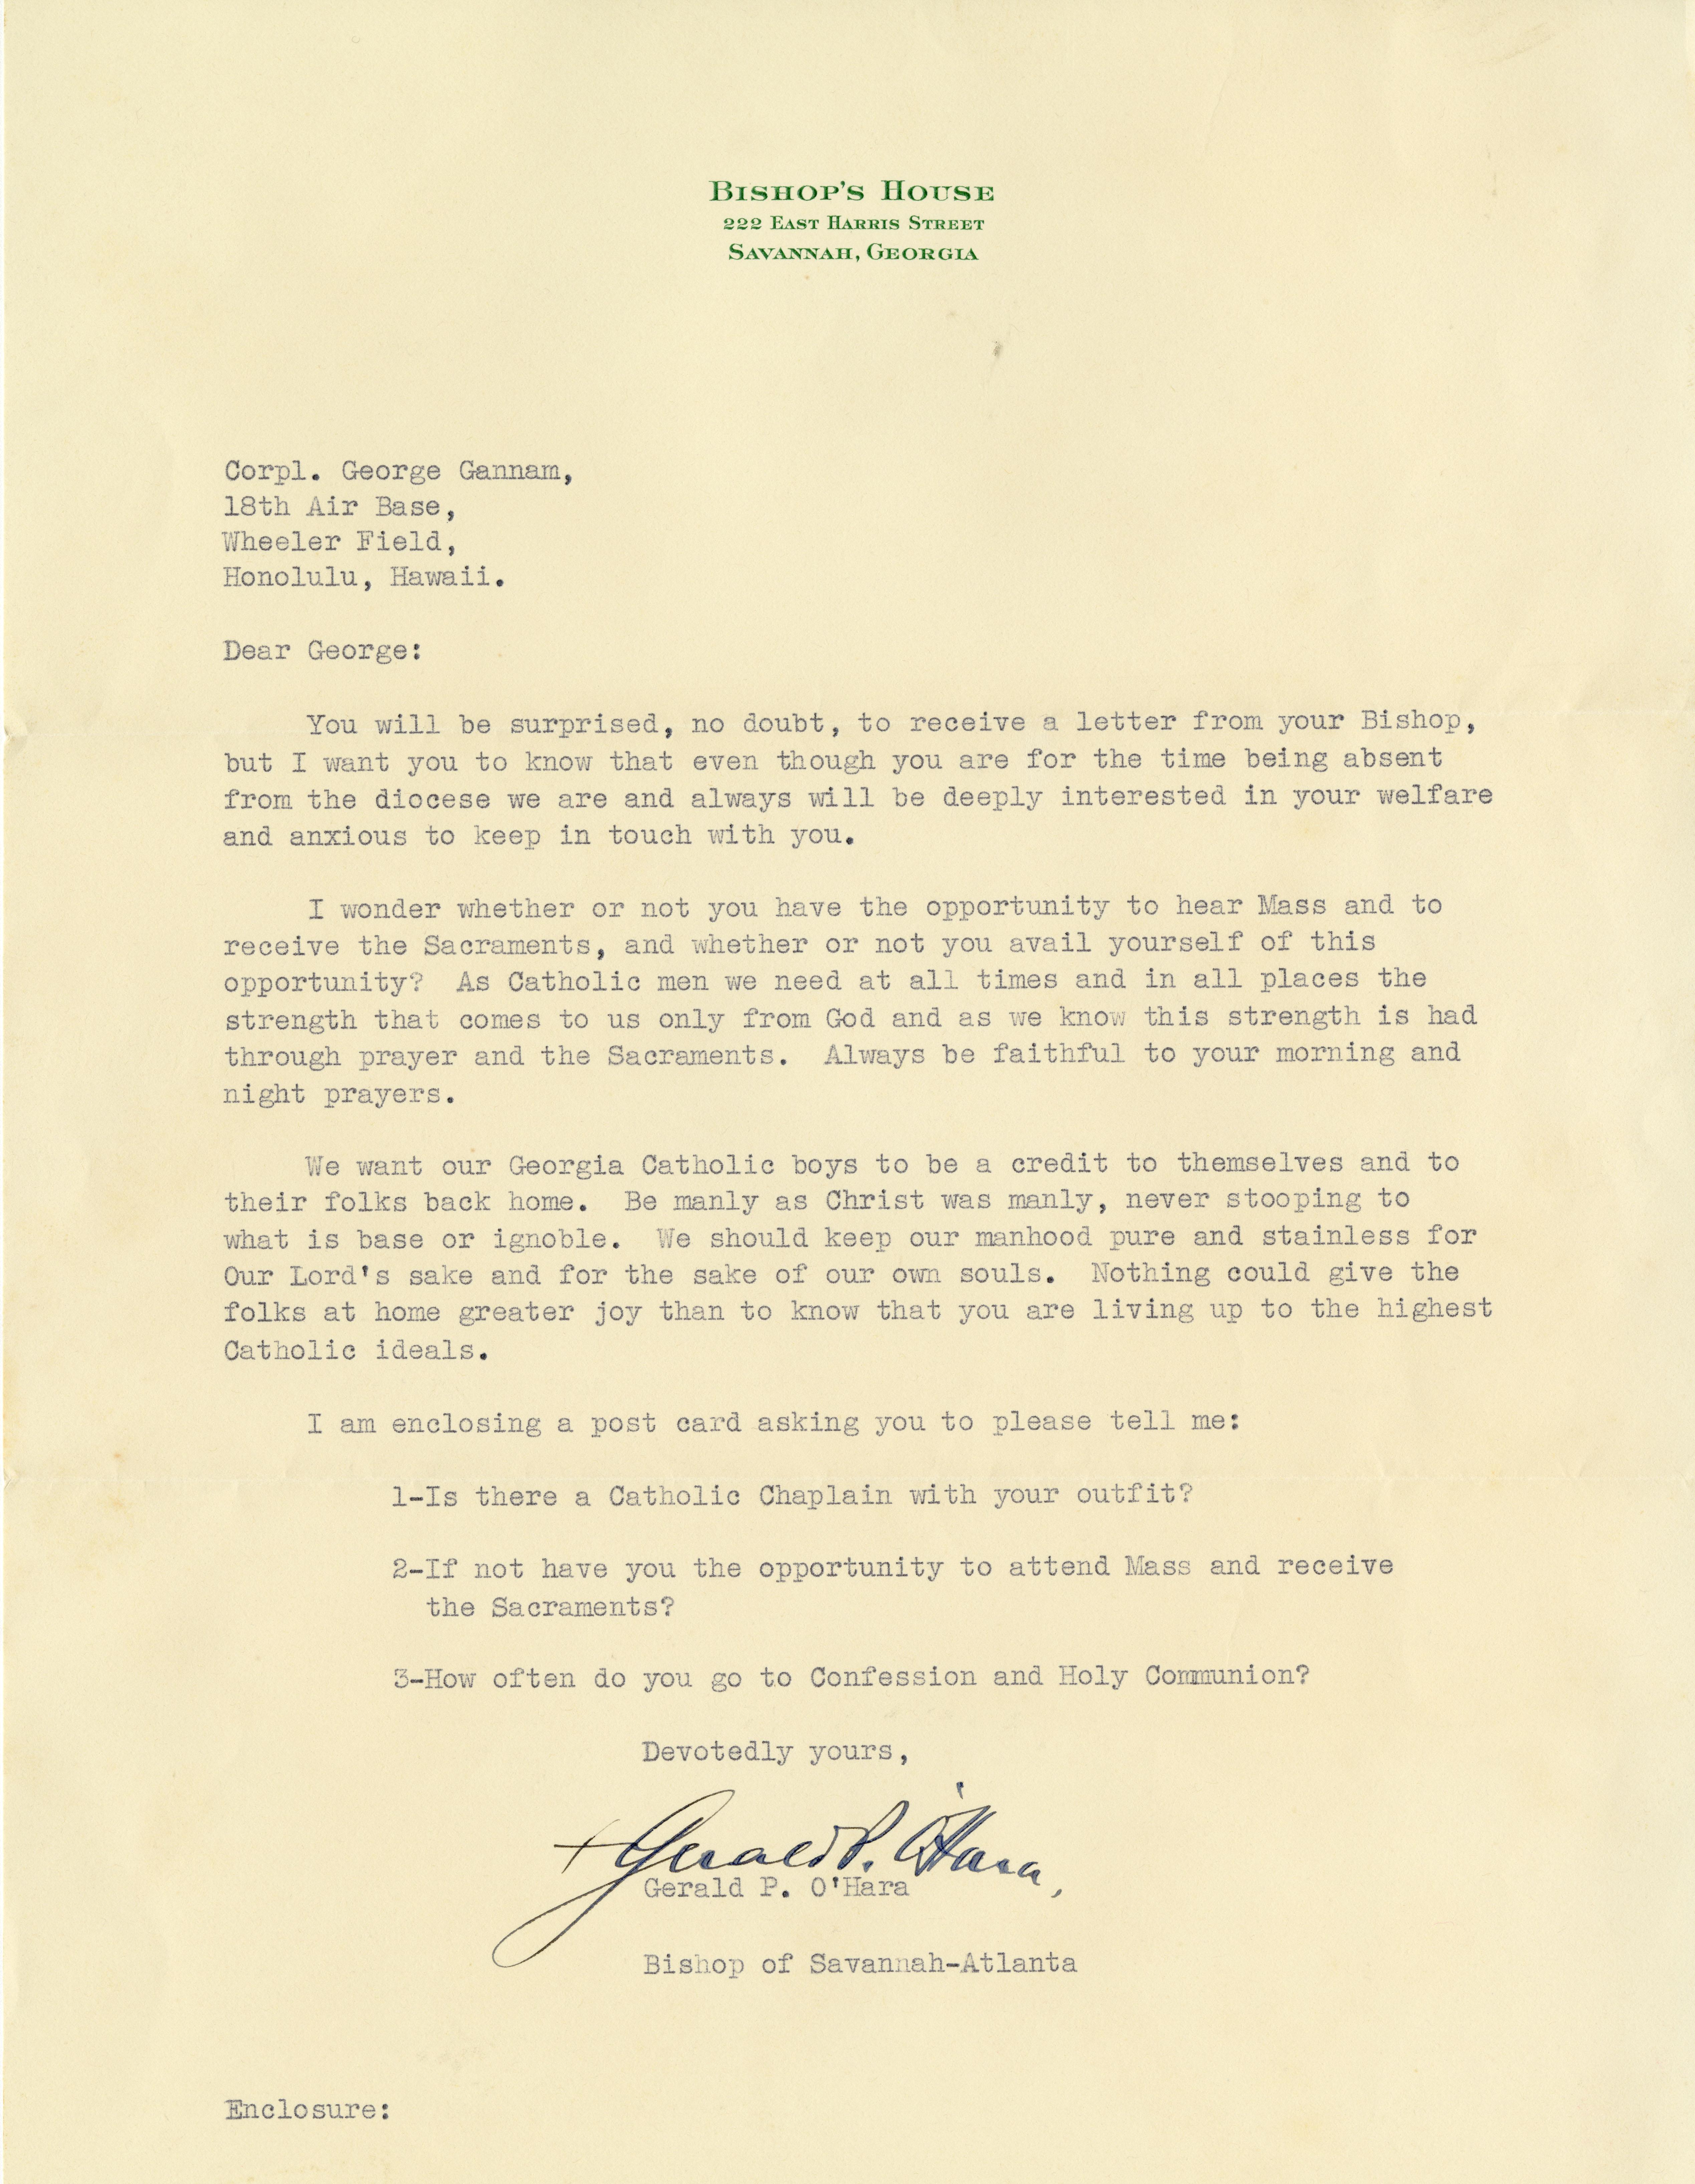 bishop letter.jpg